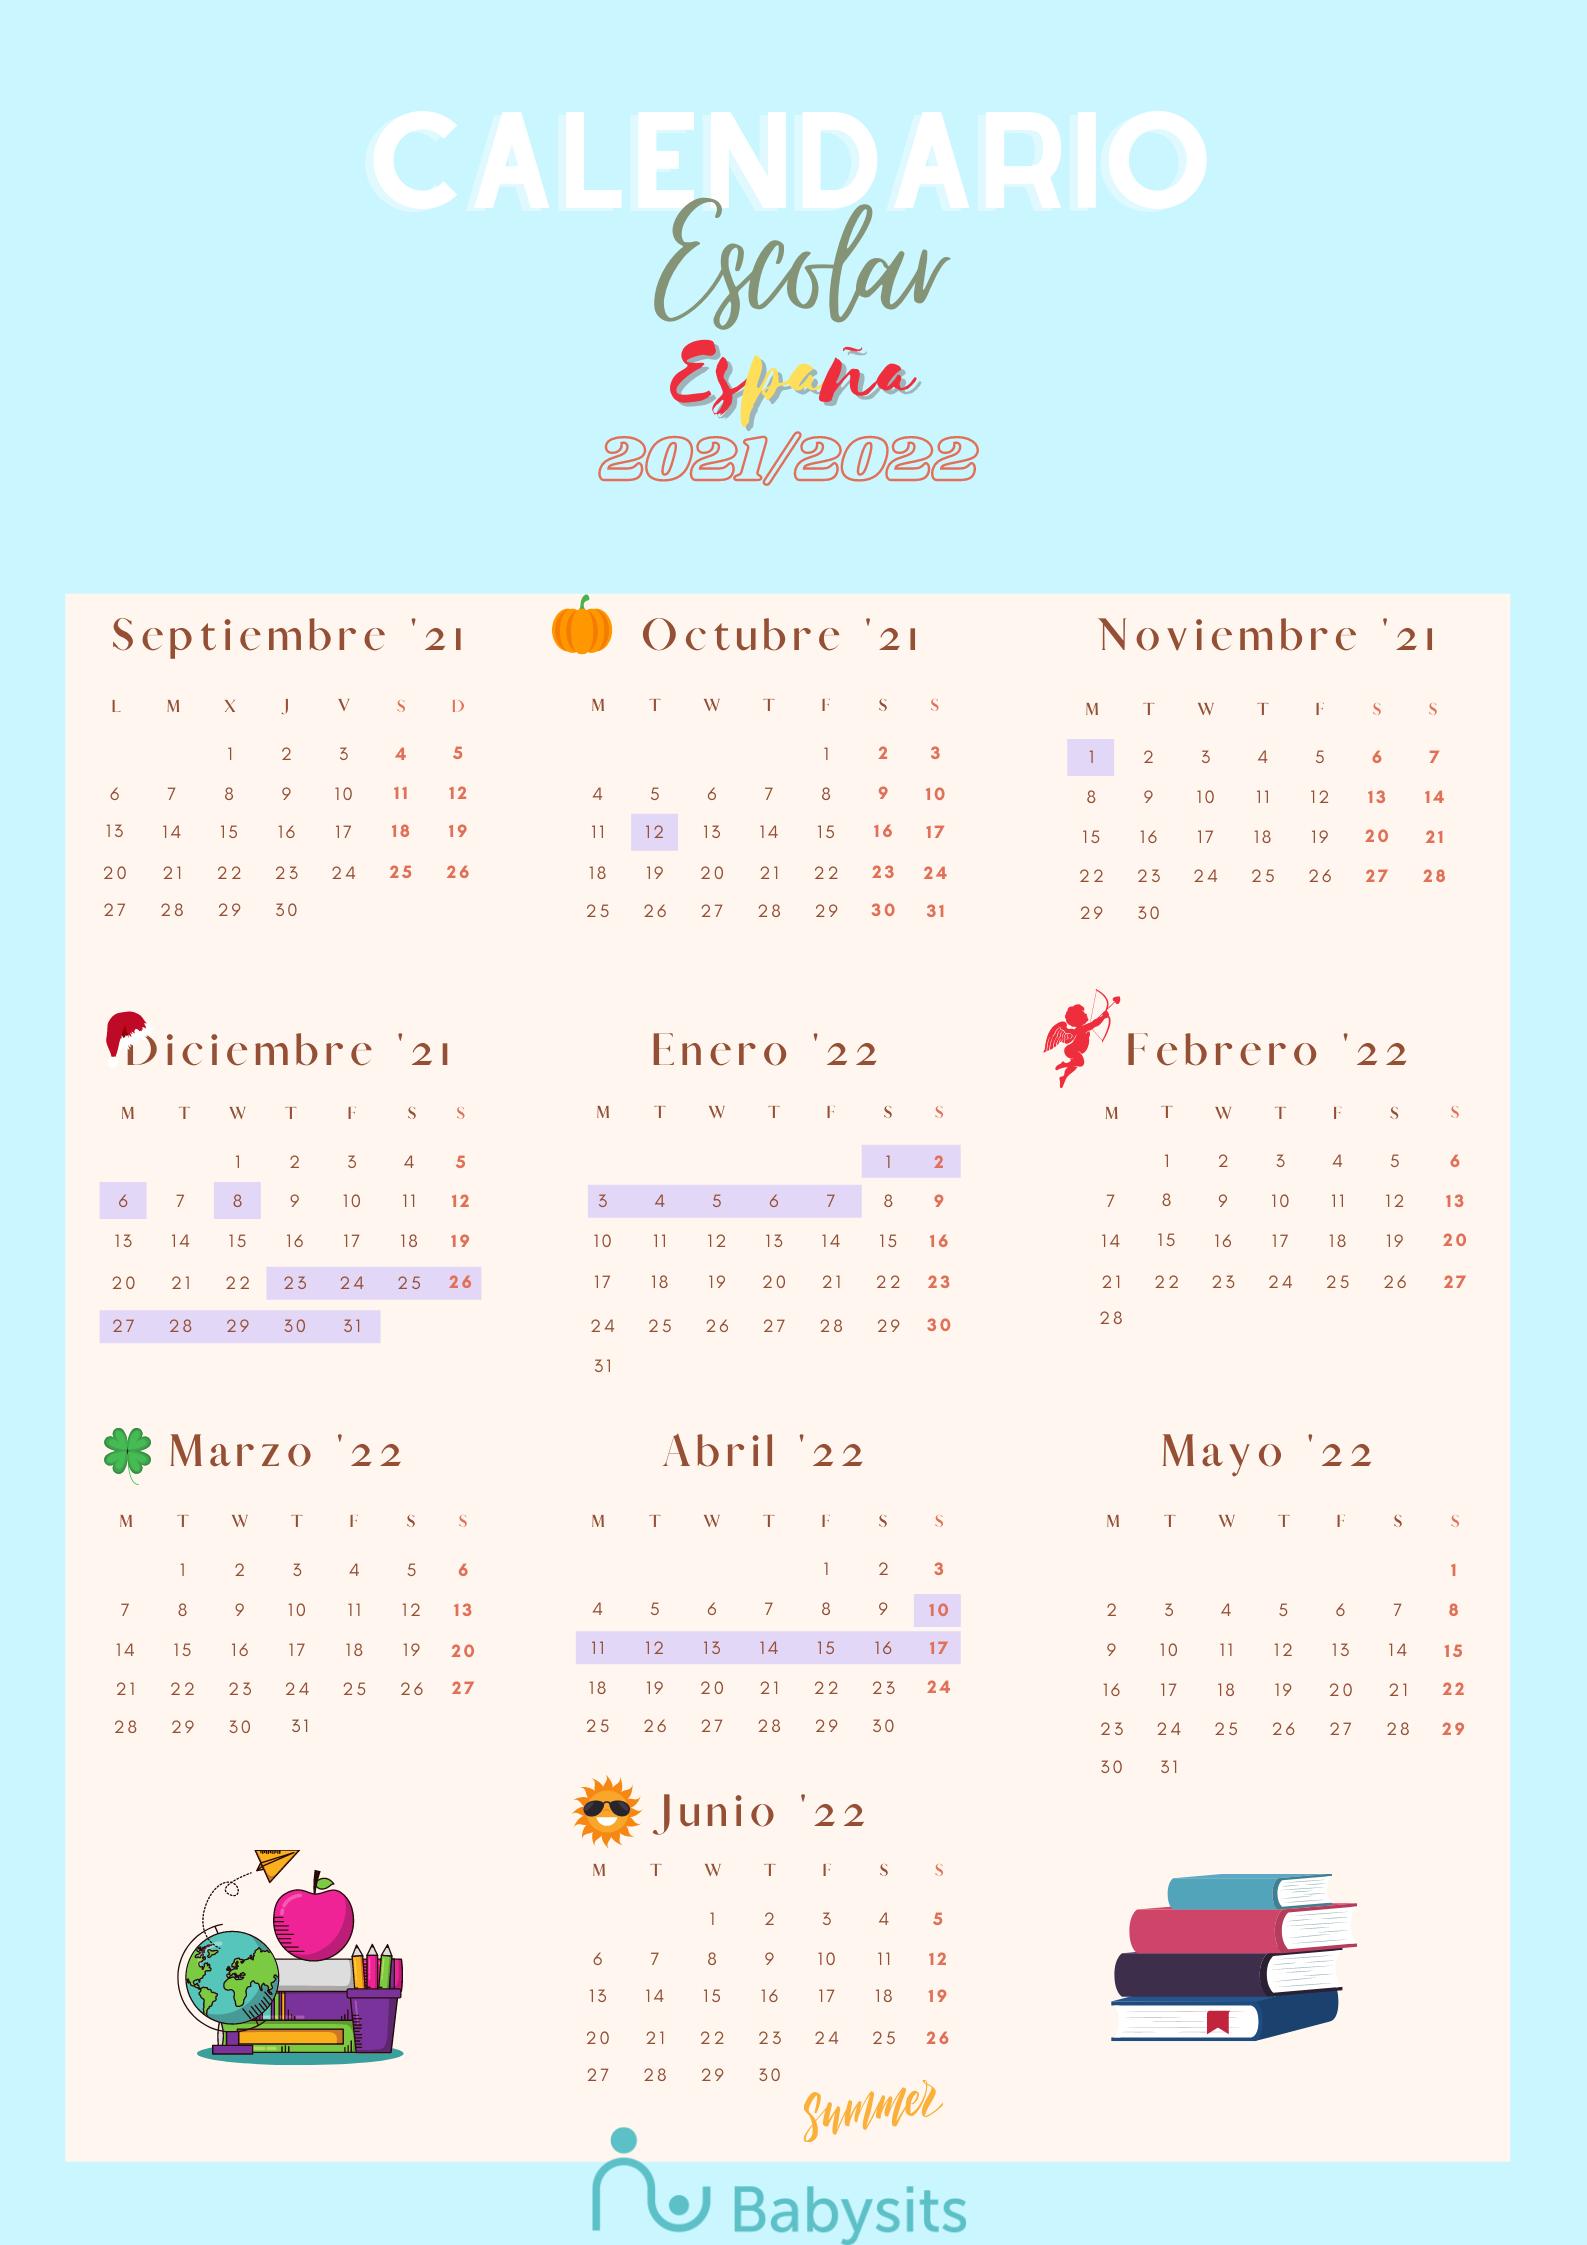 Calendario académico y vacaciones escolares España 2021/2022 - Calendario imprimible gratuito